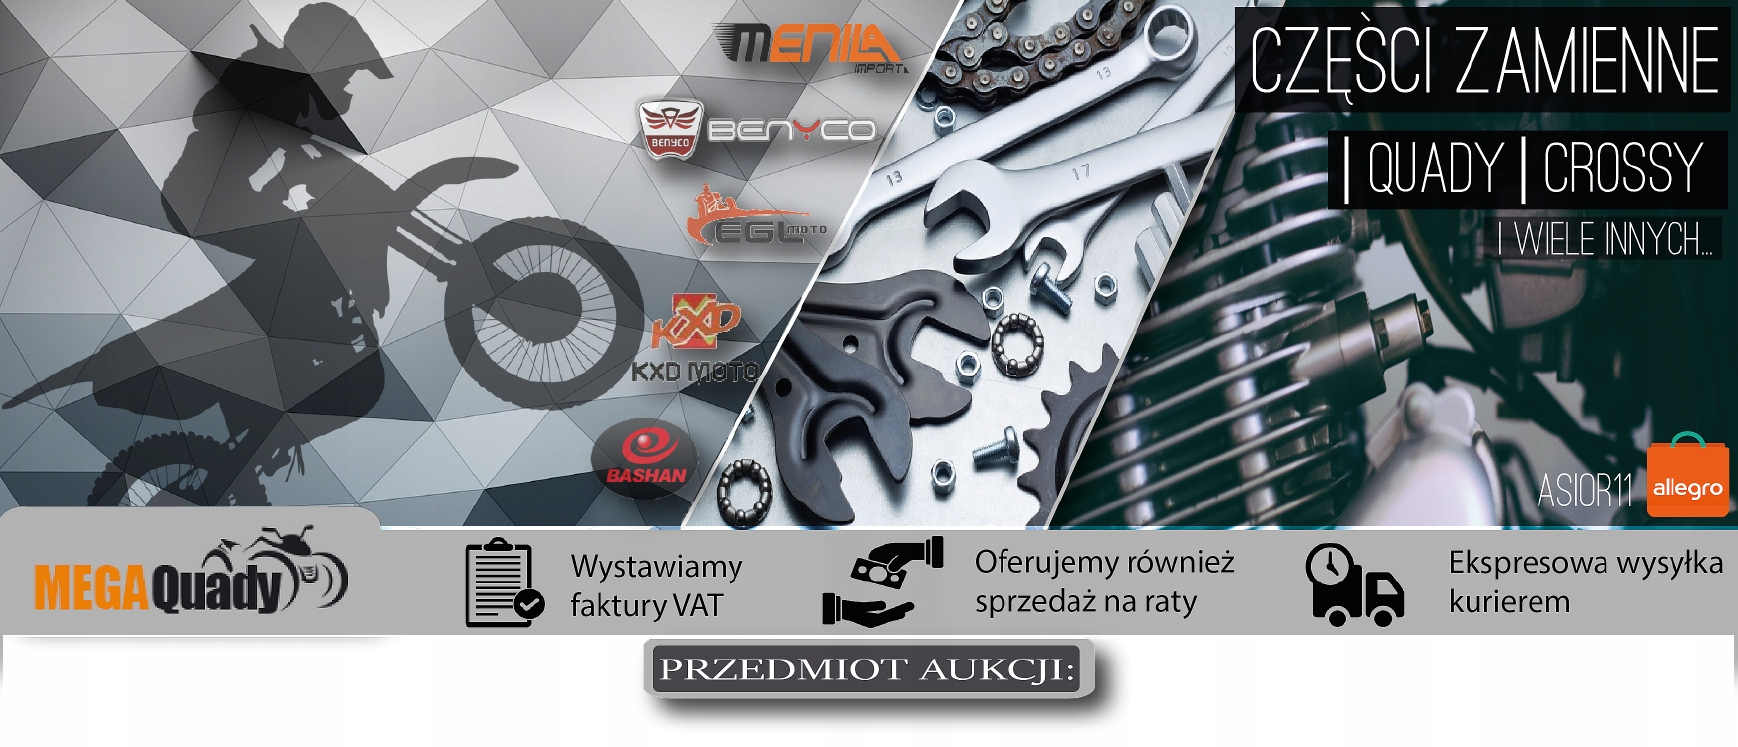 [BEBEN ТОРМОЗНОЙ СТУПИЦА ПЕРЕД QUAD ATV 150 200 PRAW из Польши]изображение 4